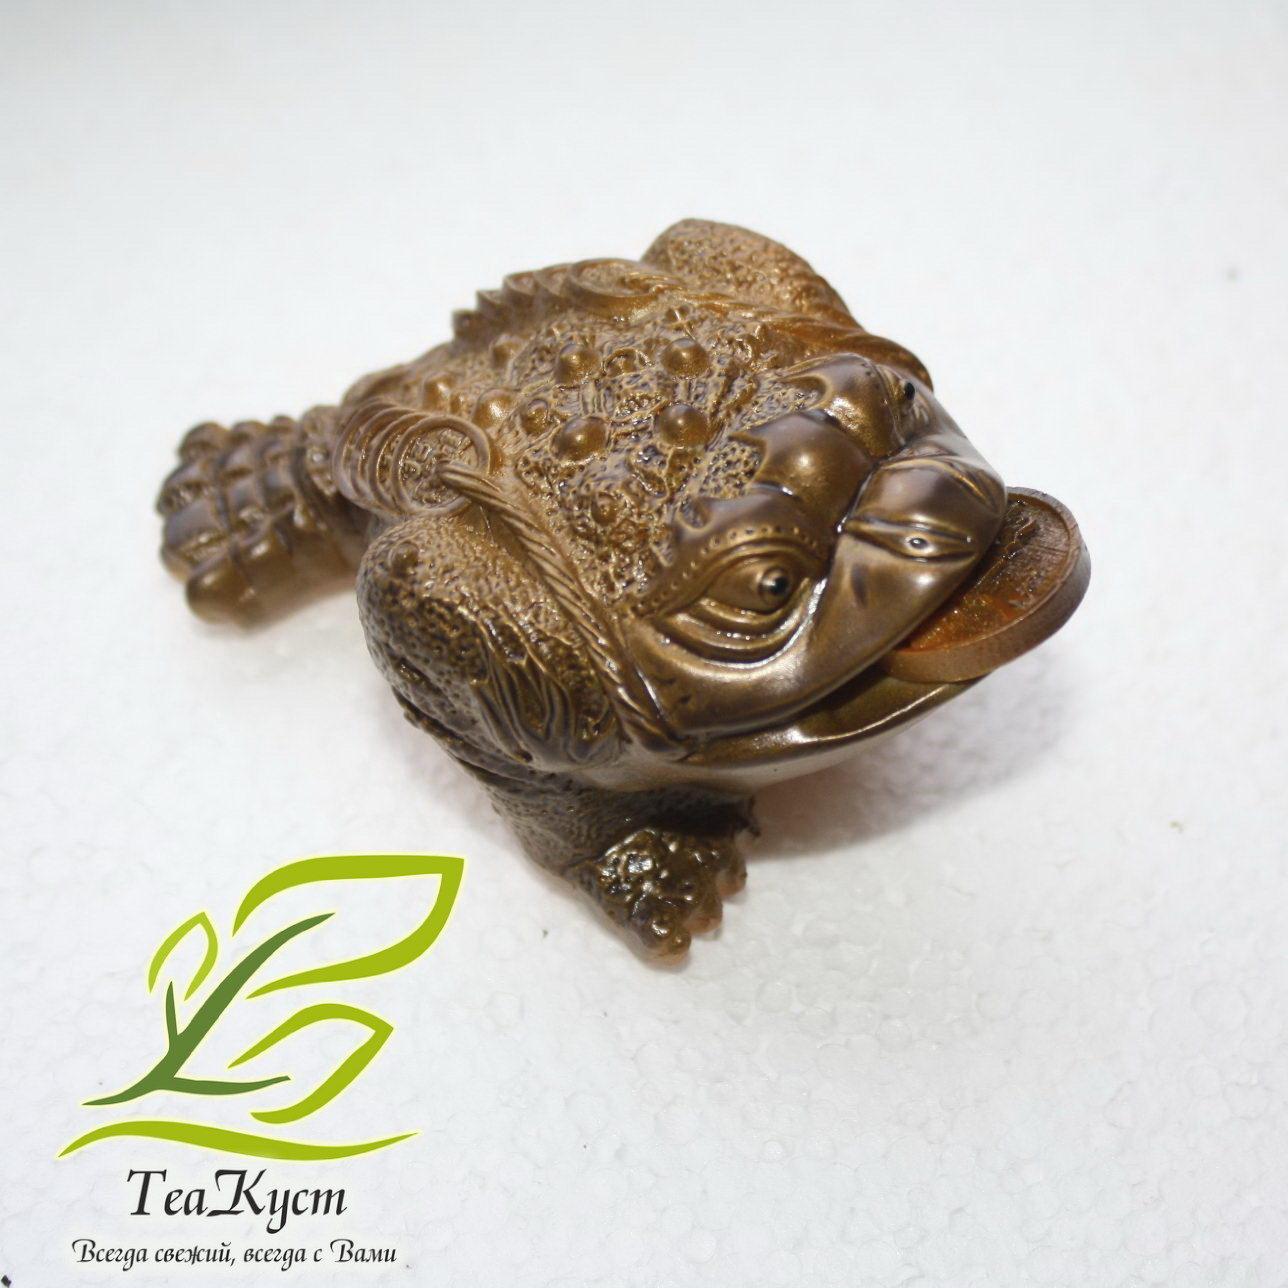 Золотая лягушка - жаба приносящая удачу и богатство - Меняет Цвет!